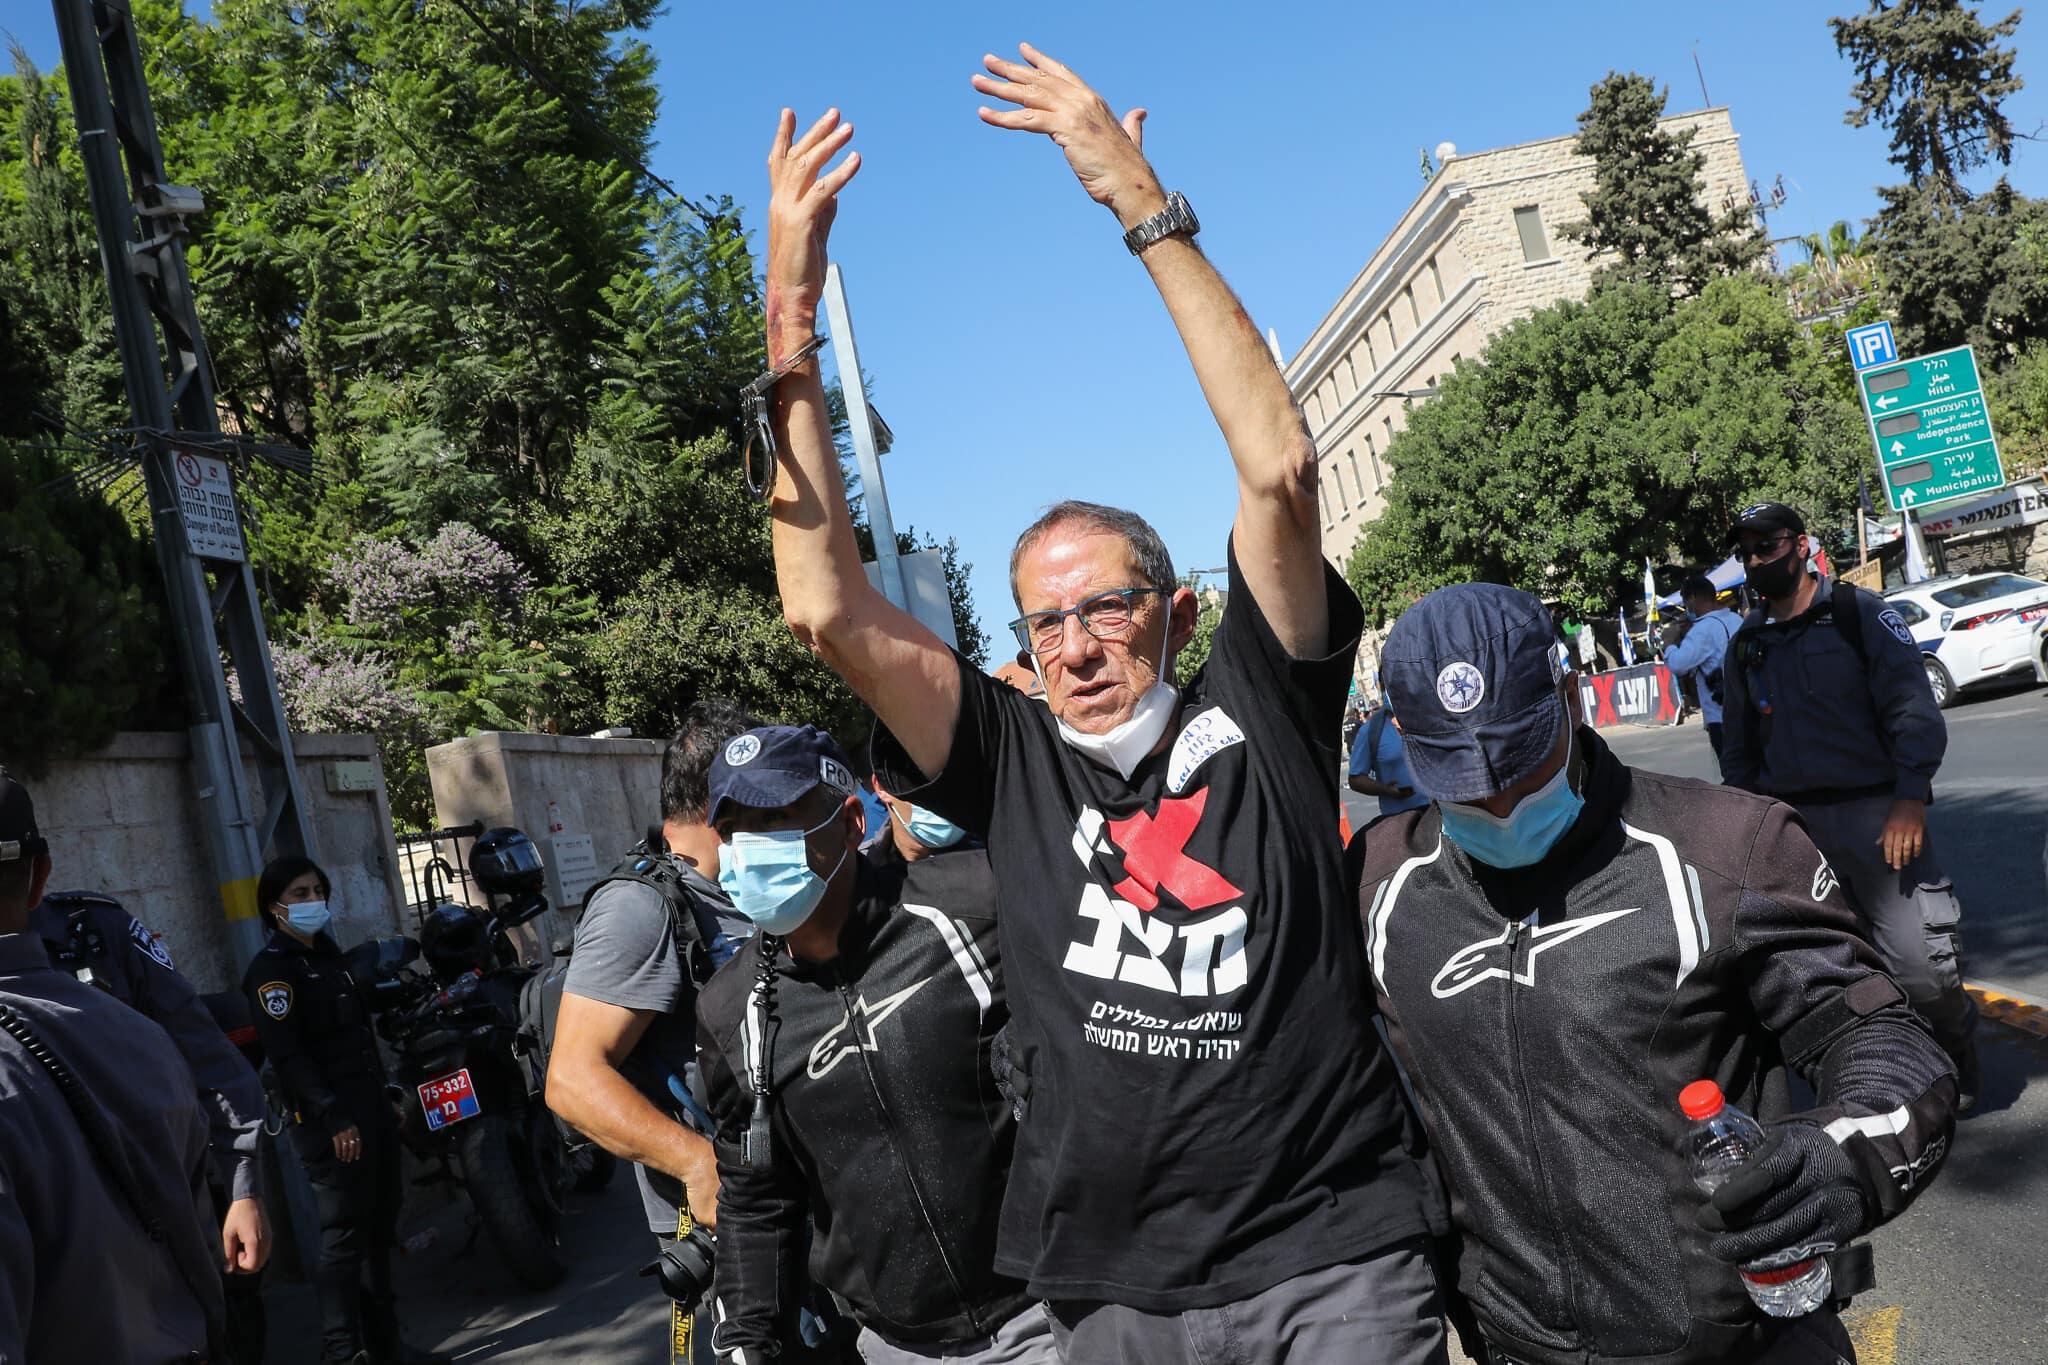 כרמי גילון נגרר על ידי שוטרים ממאהל בלפור (צילום: Olivier Fitoussi/Flash90)